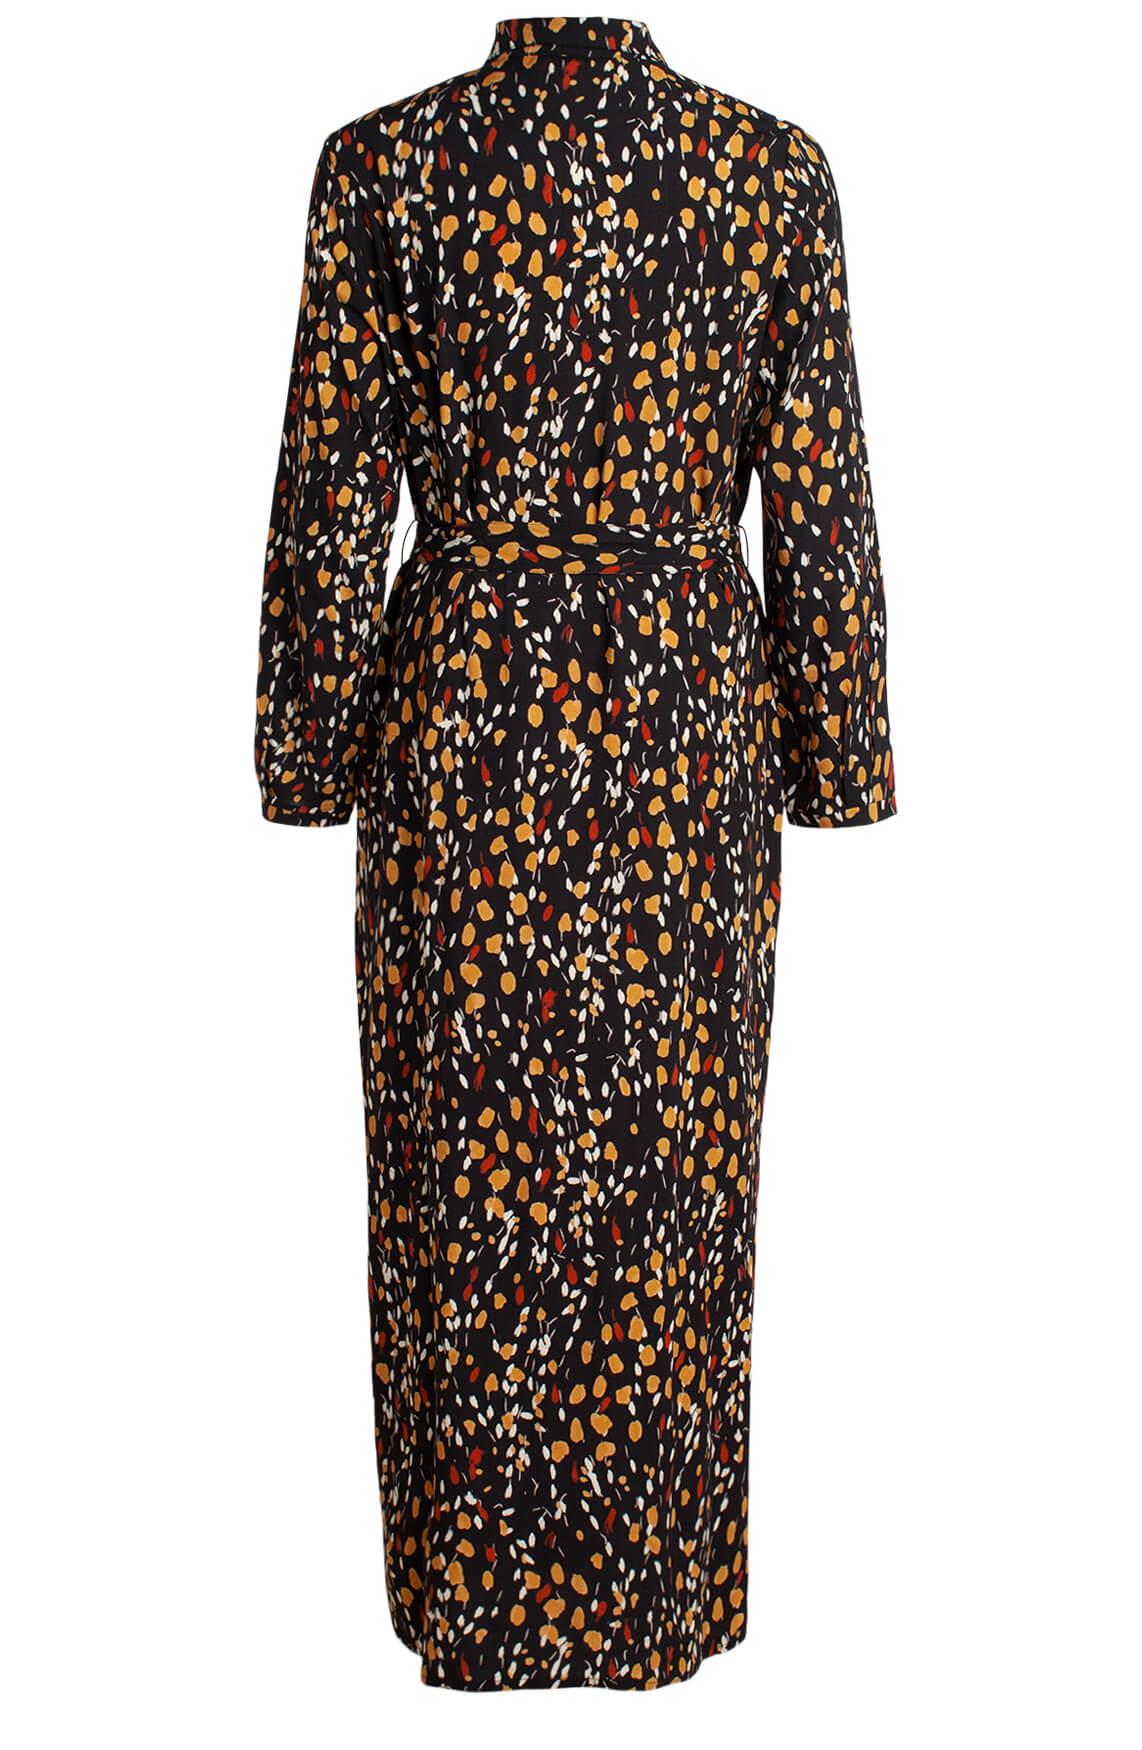 Anna Dames Maxi jurk met stippenprint geel